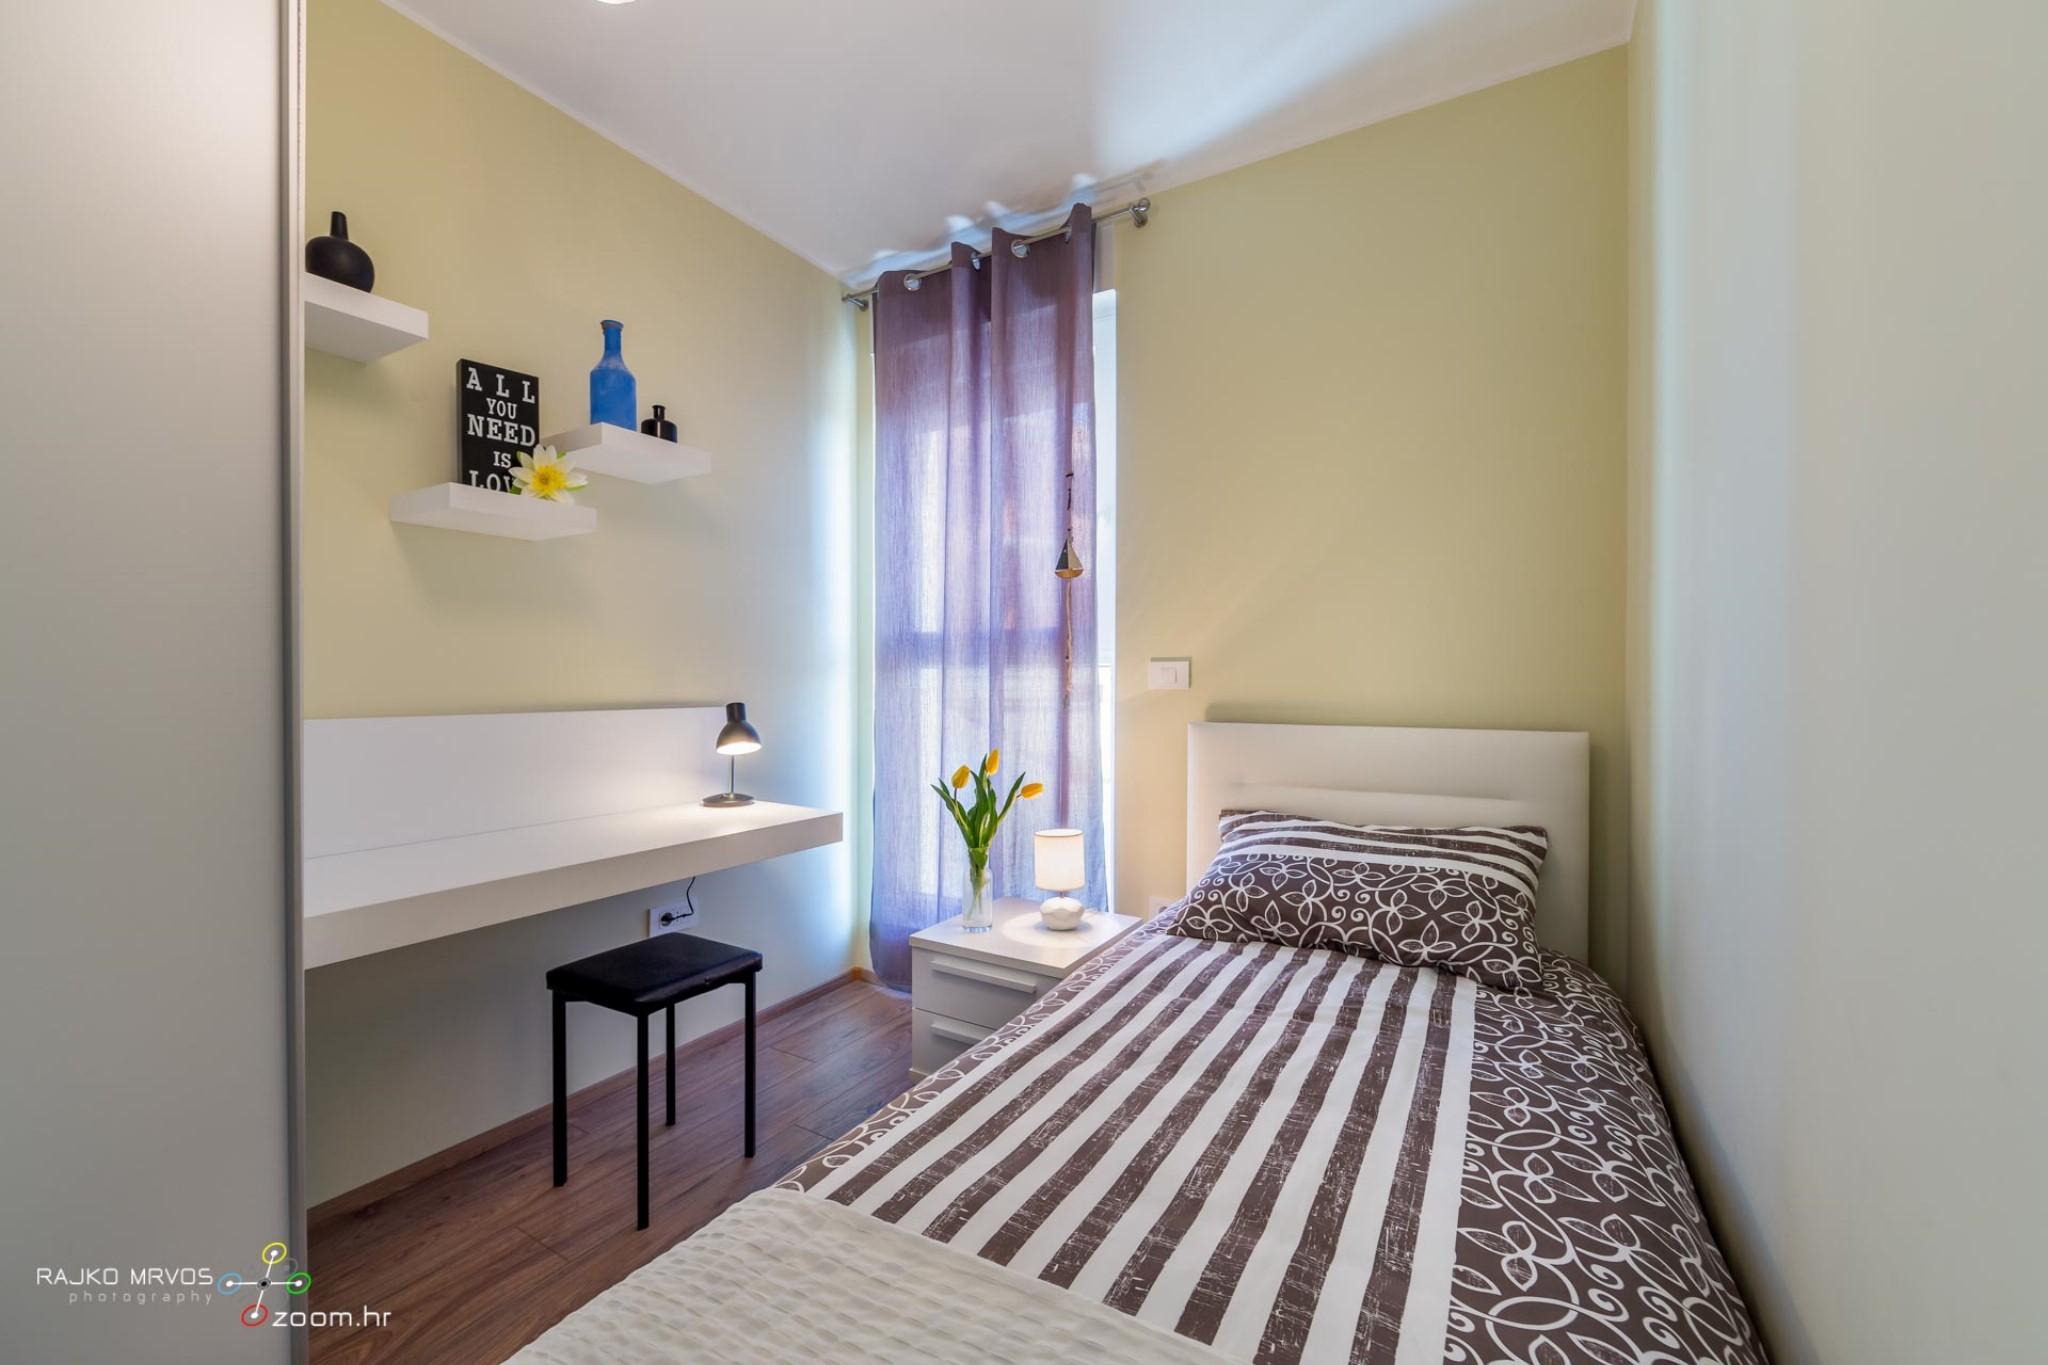 fotografiranje-interijera-fotograf-eksterijera-apartmana-vila-kuca-hotela-apartman-Pobri-Opatija-22